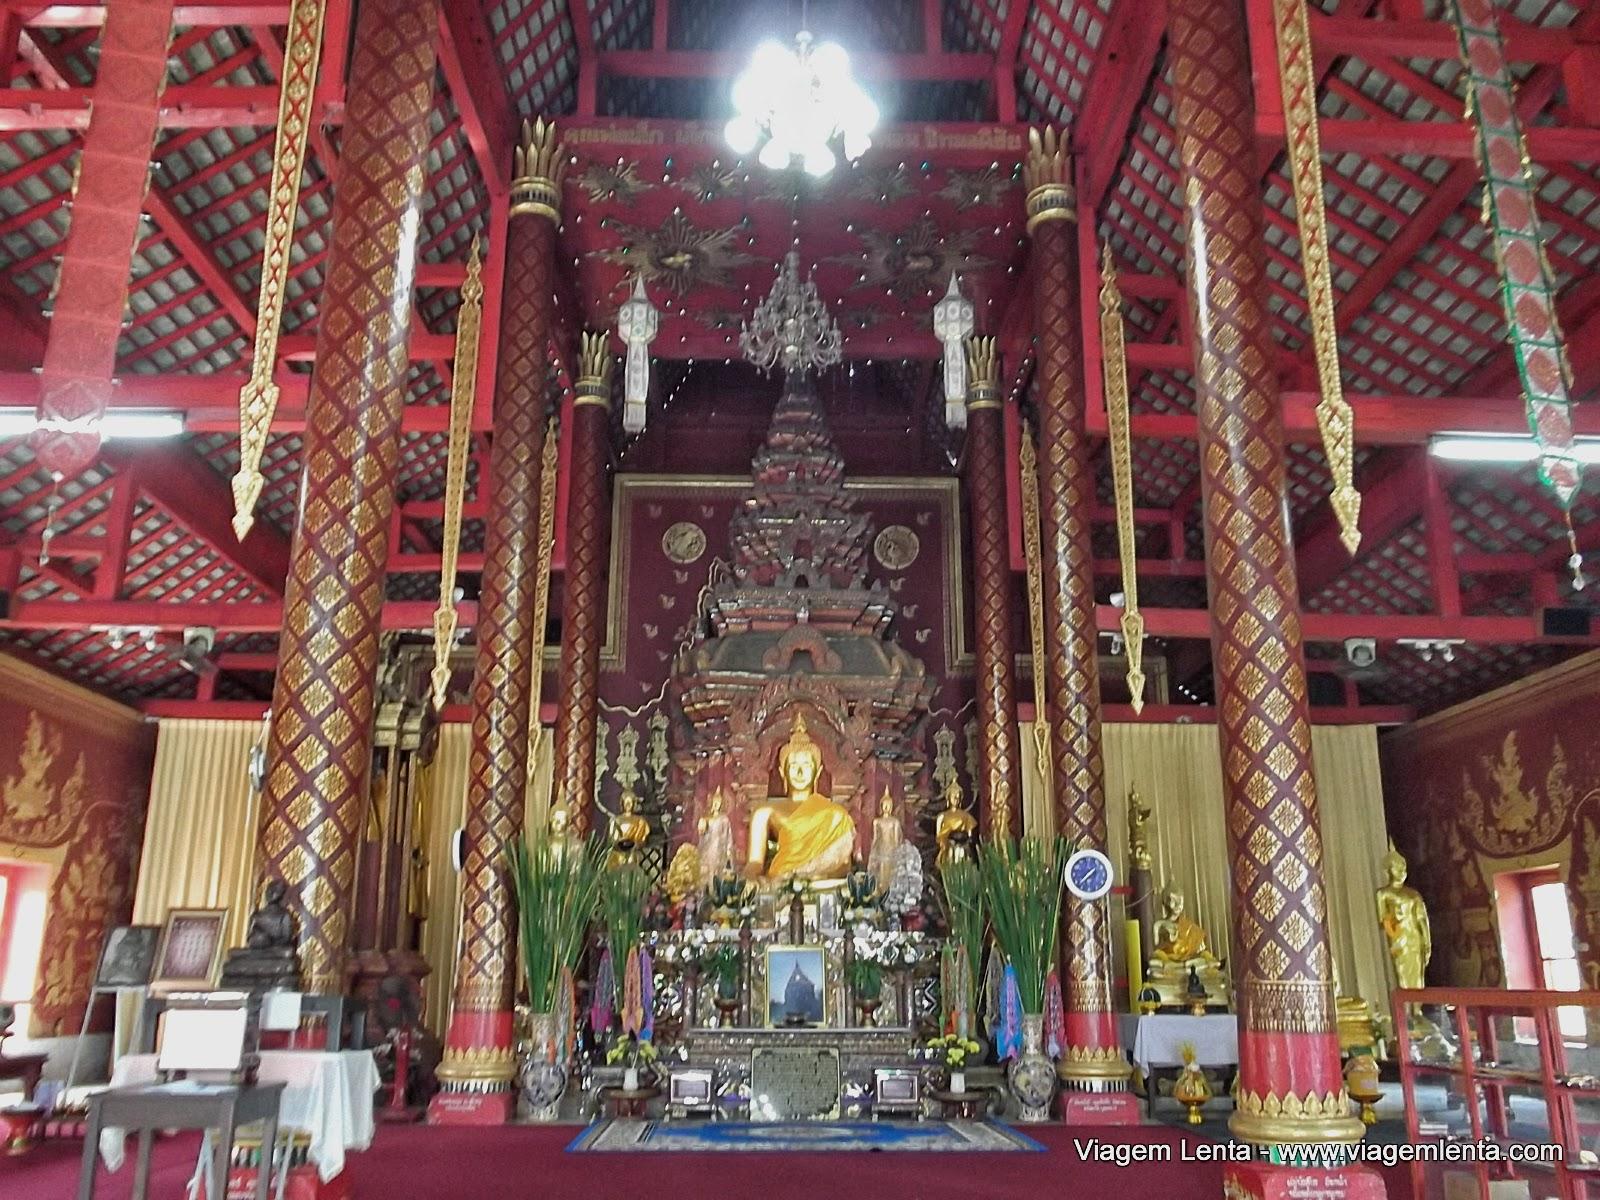 Relato da viagem a Chang Mai, retorno a Bangkok e ida a Surat Thani e Koh Samui, em longas horas de trem.